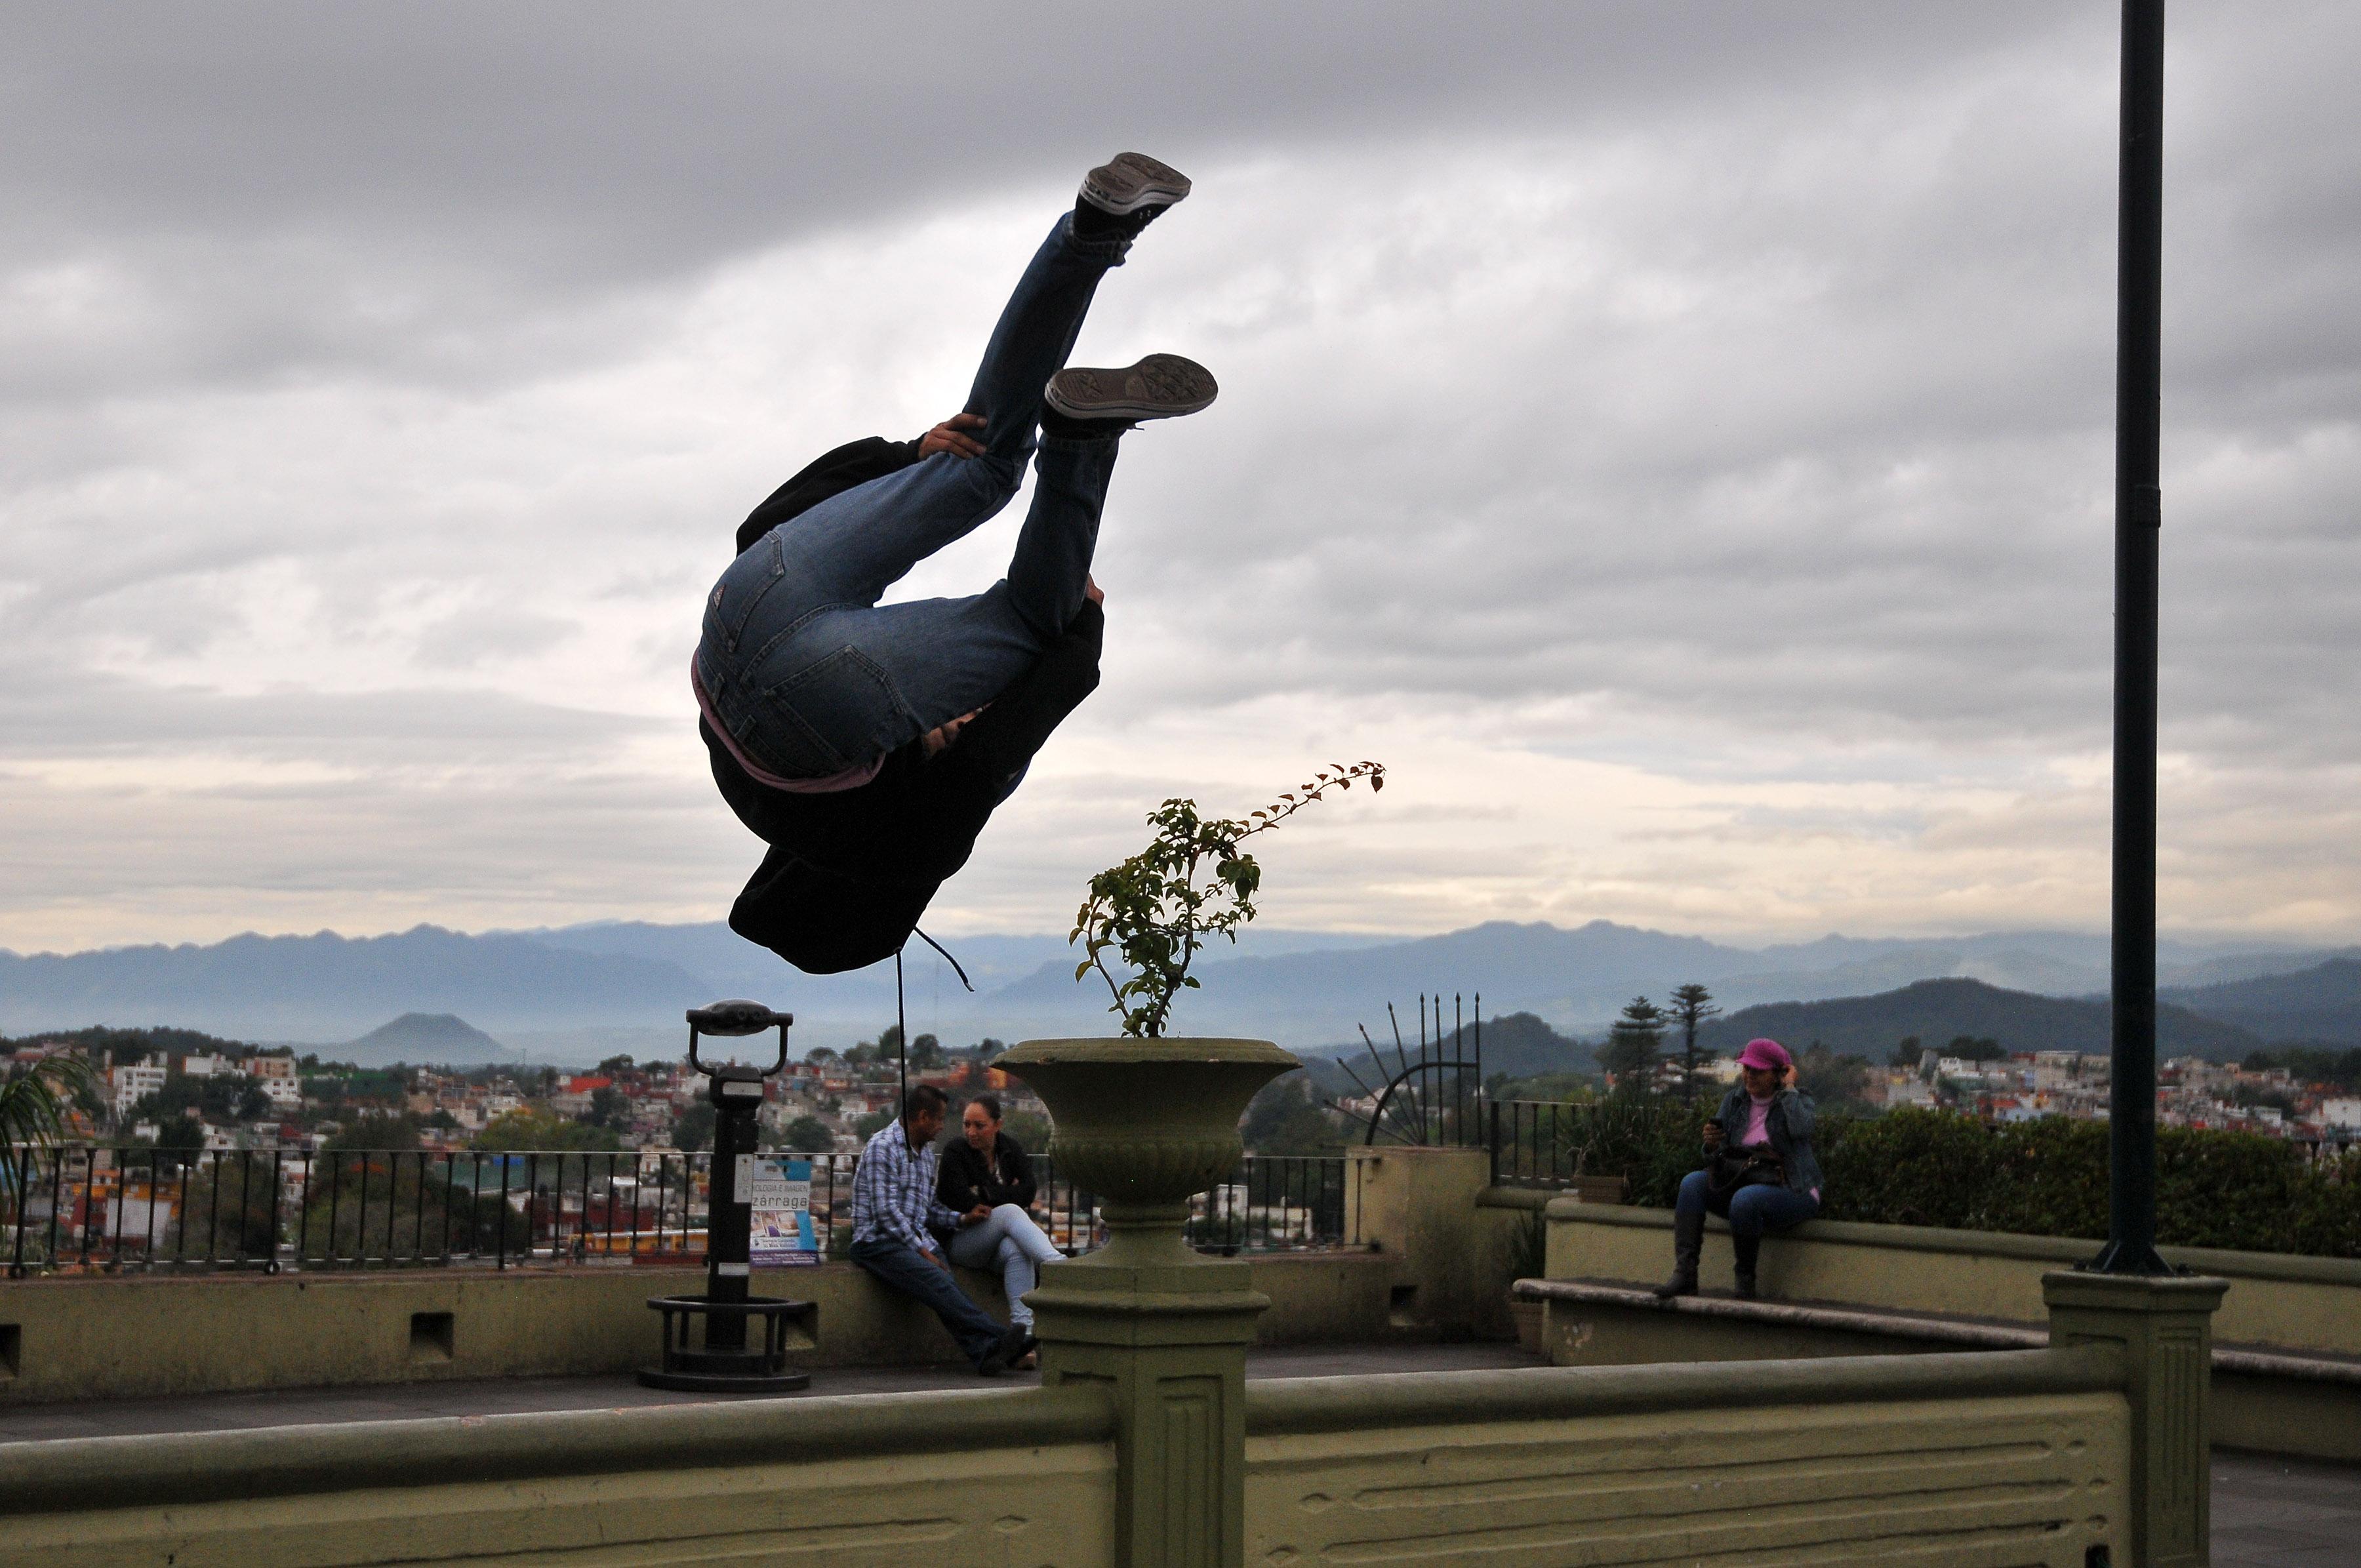 Aumenta la ocupación hotelera en Xalapa los fines de semana